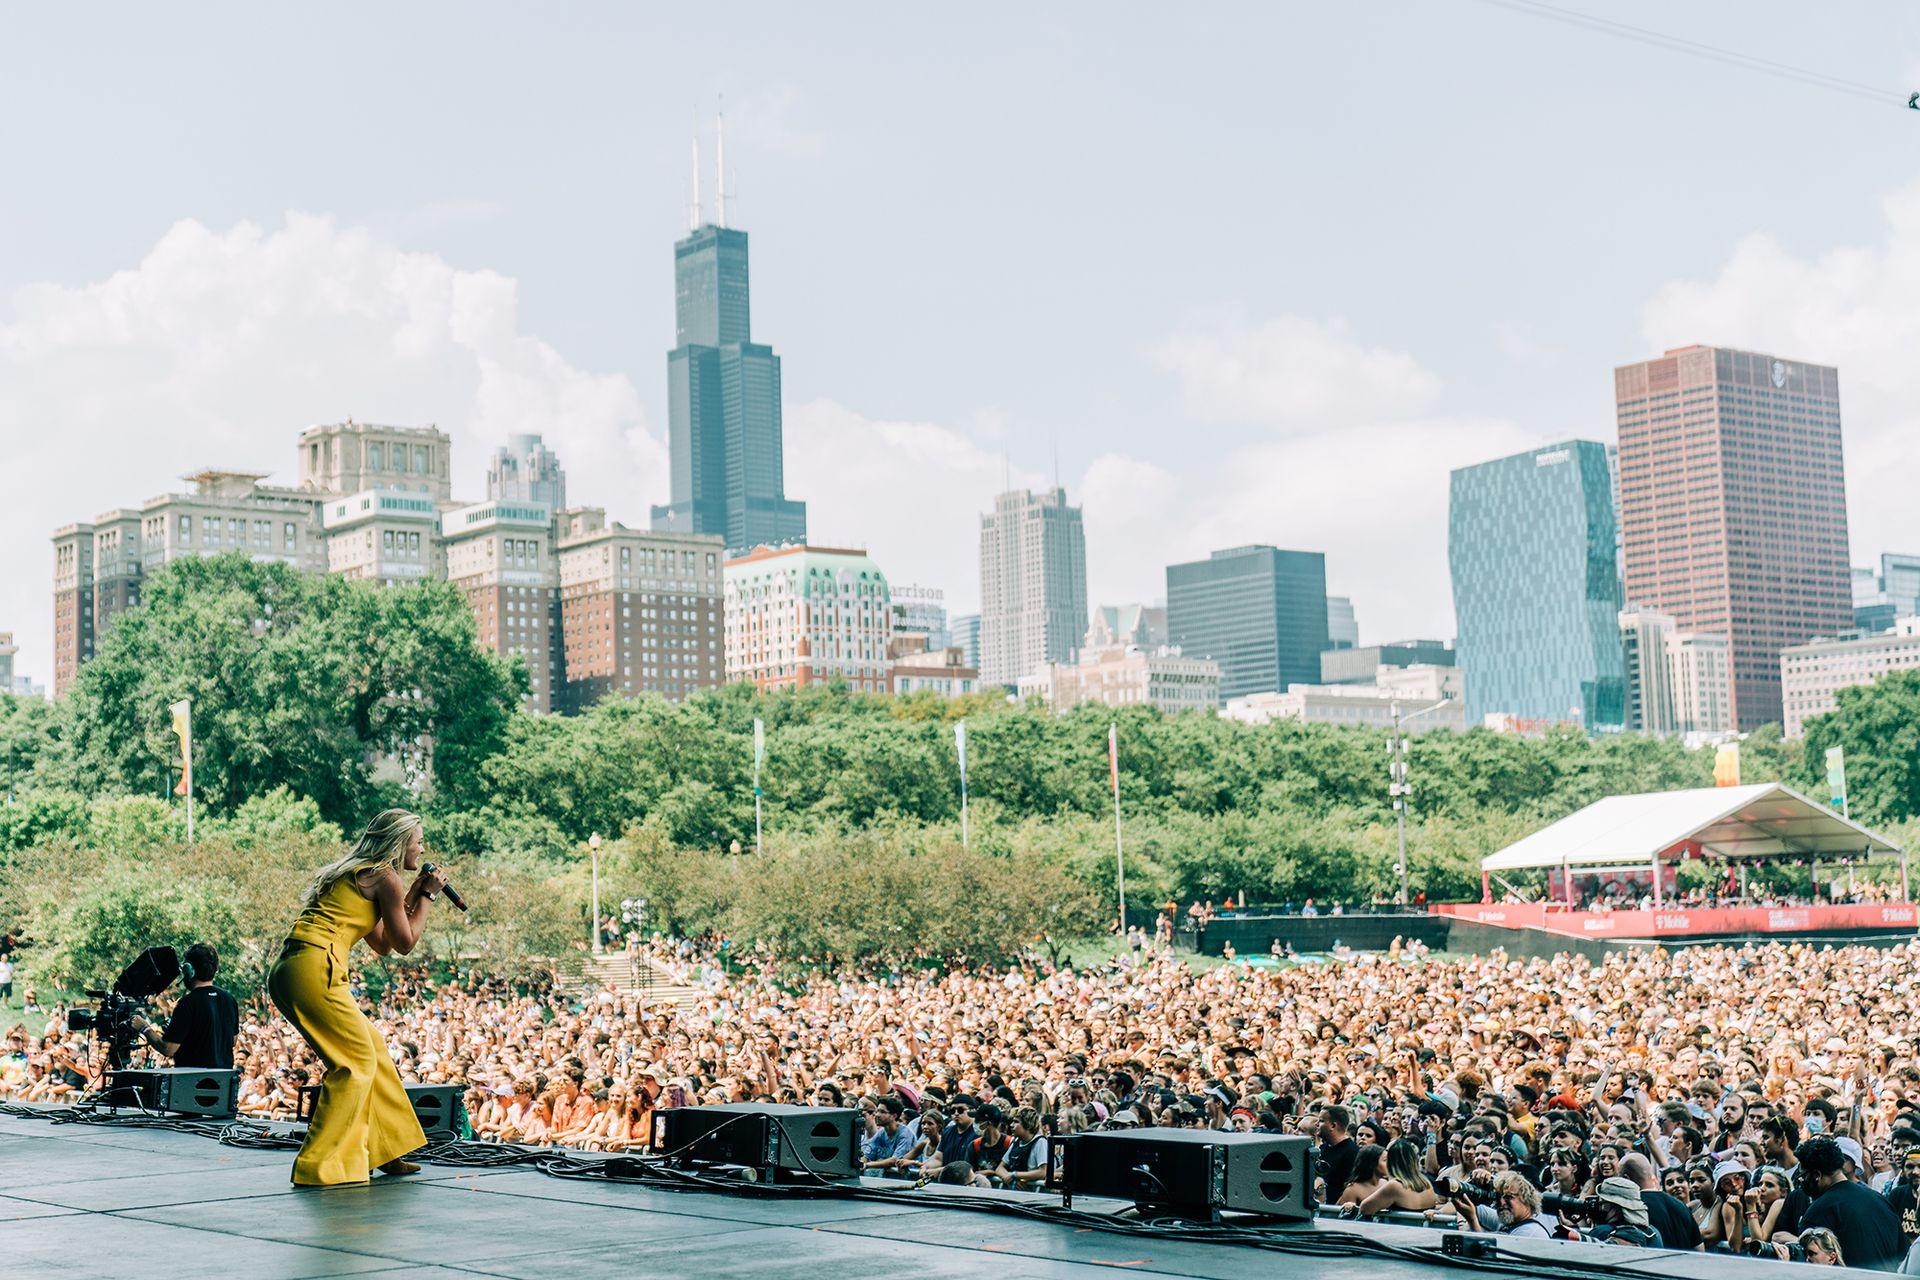 Aly & AJ en Lollapalooza Chicago